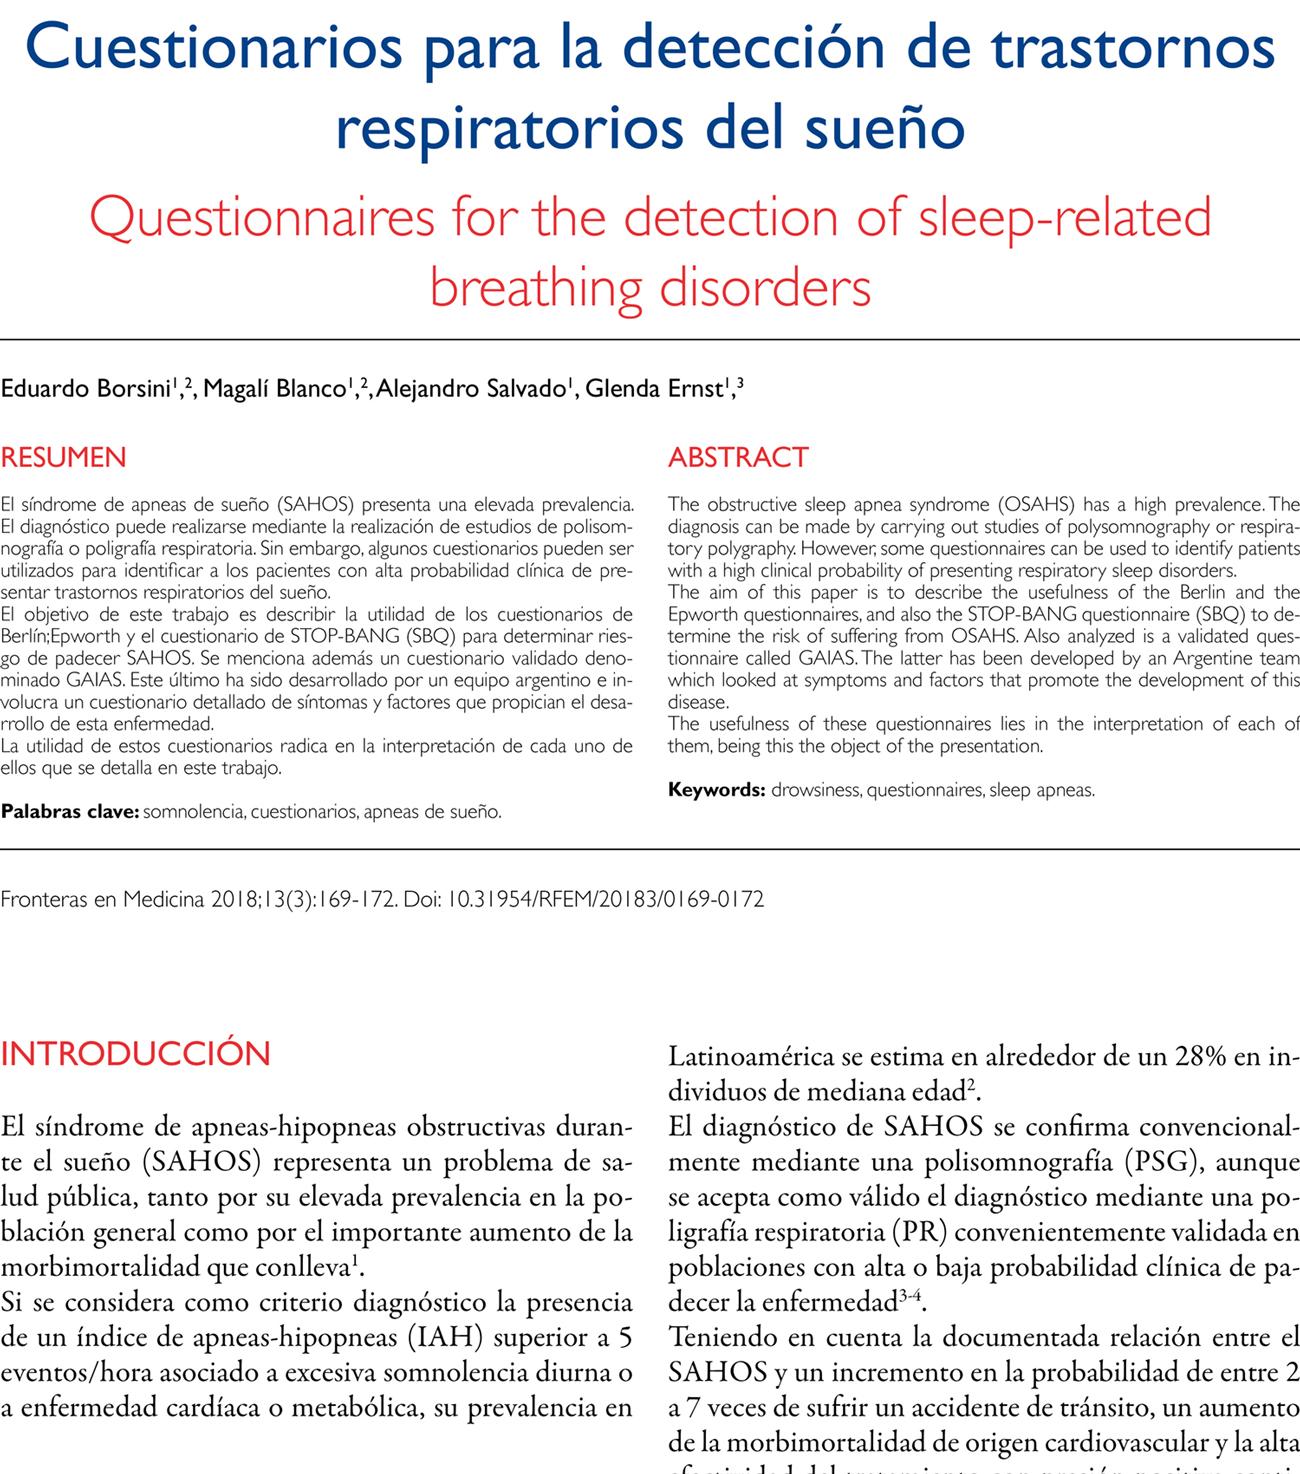 Cuestionarios para la detección de trastornos respiratorios del sueño